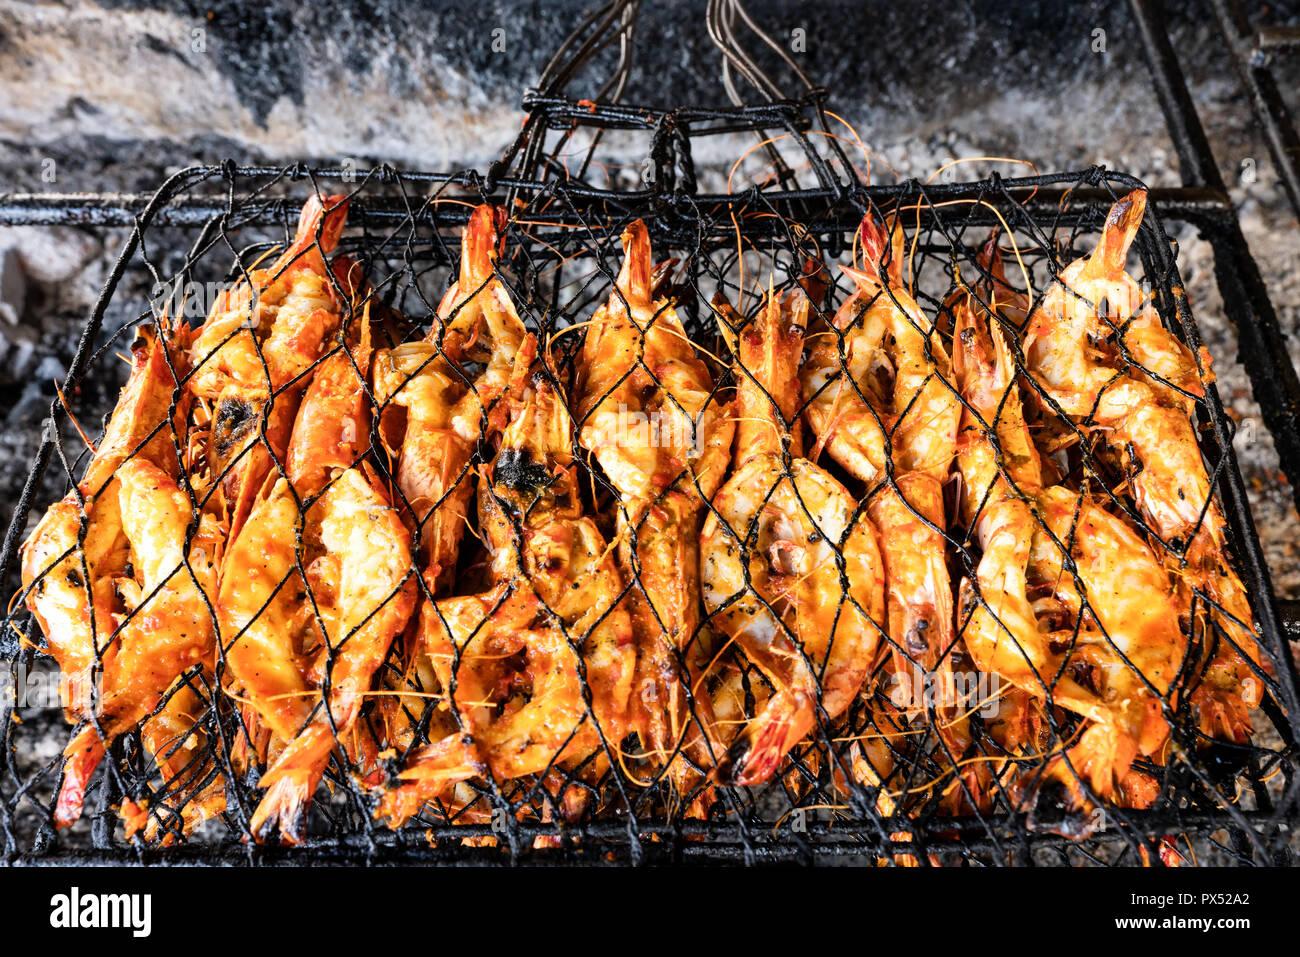 Barbecue Di Pesce Alla Griglia Di Dimensione King Gamberi Sul Fuoco